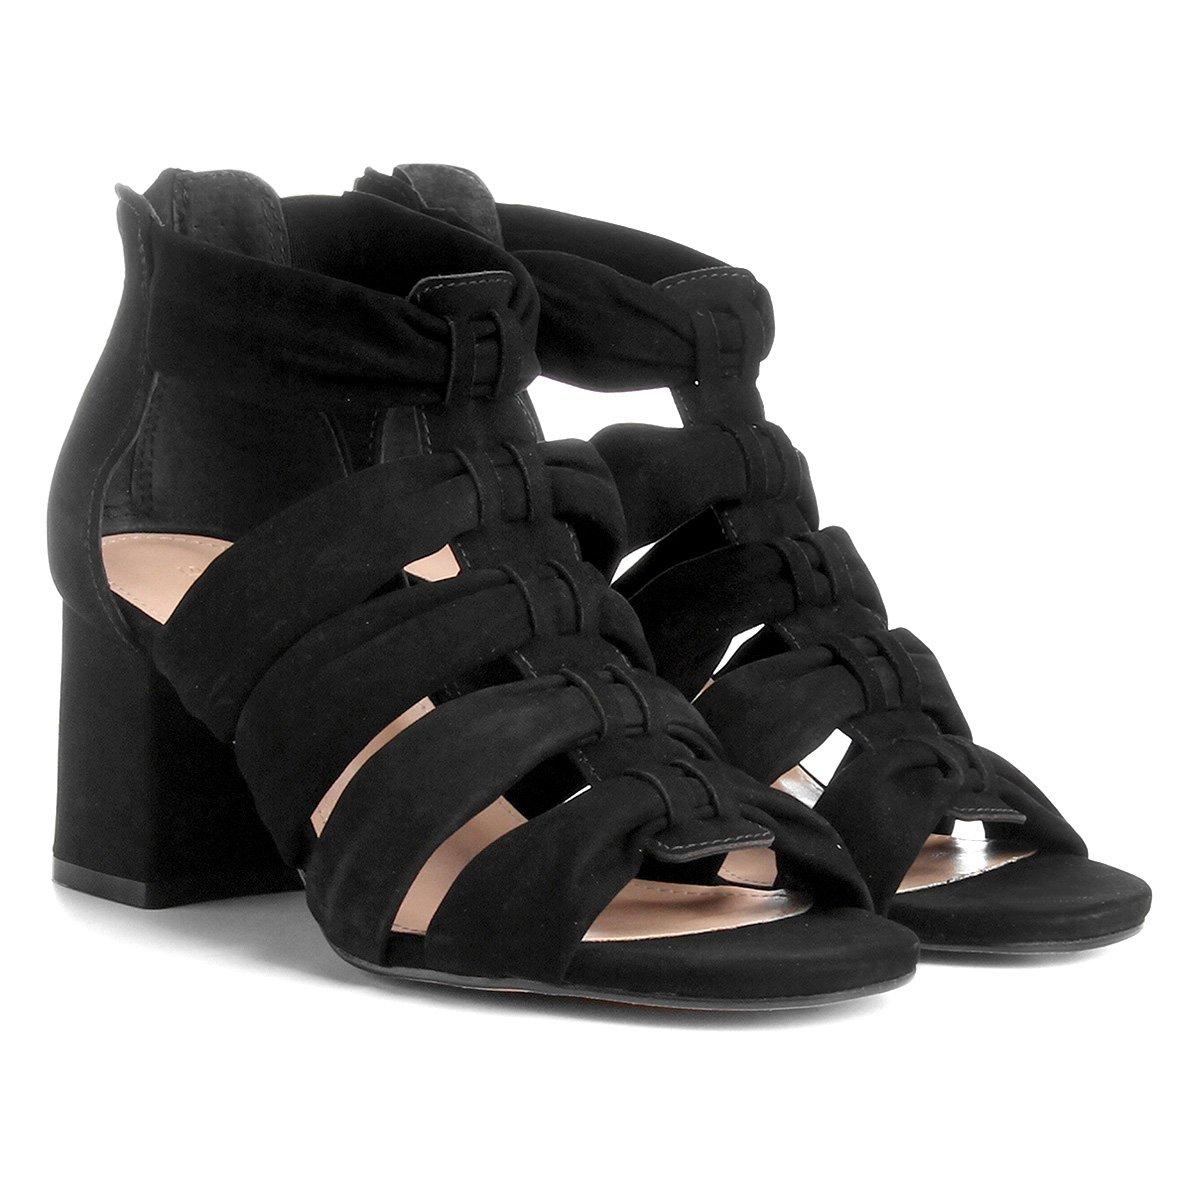 3e69c58b4b Sandália Couro Shoestock Salto Grosso Faixas Feminina - Preto ...